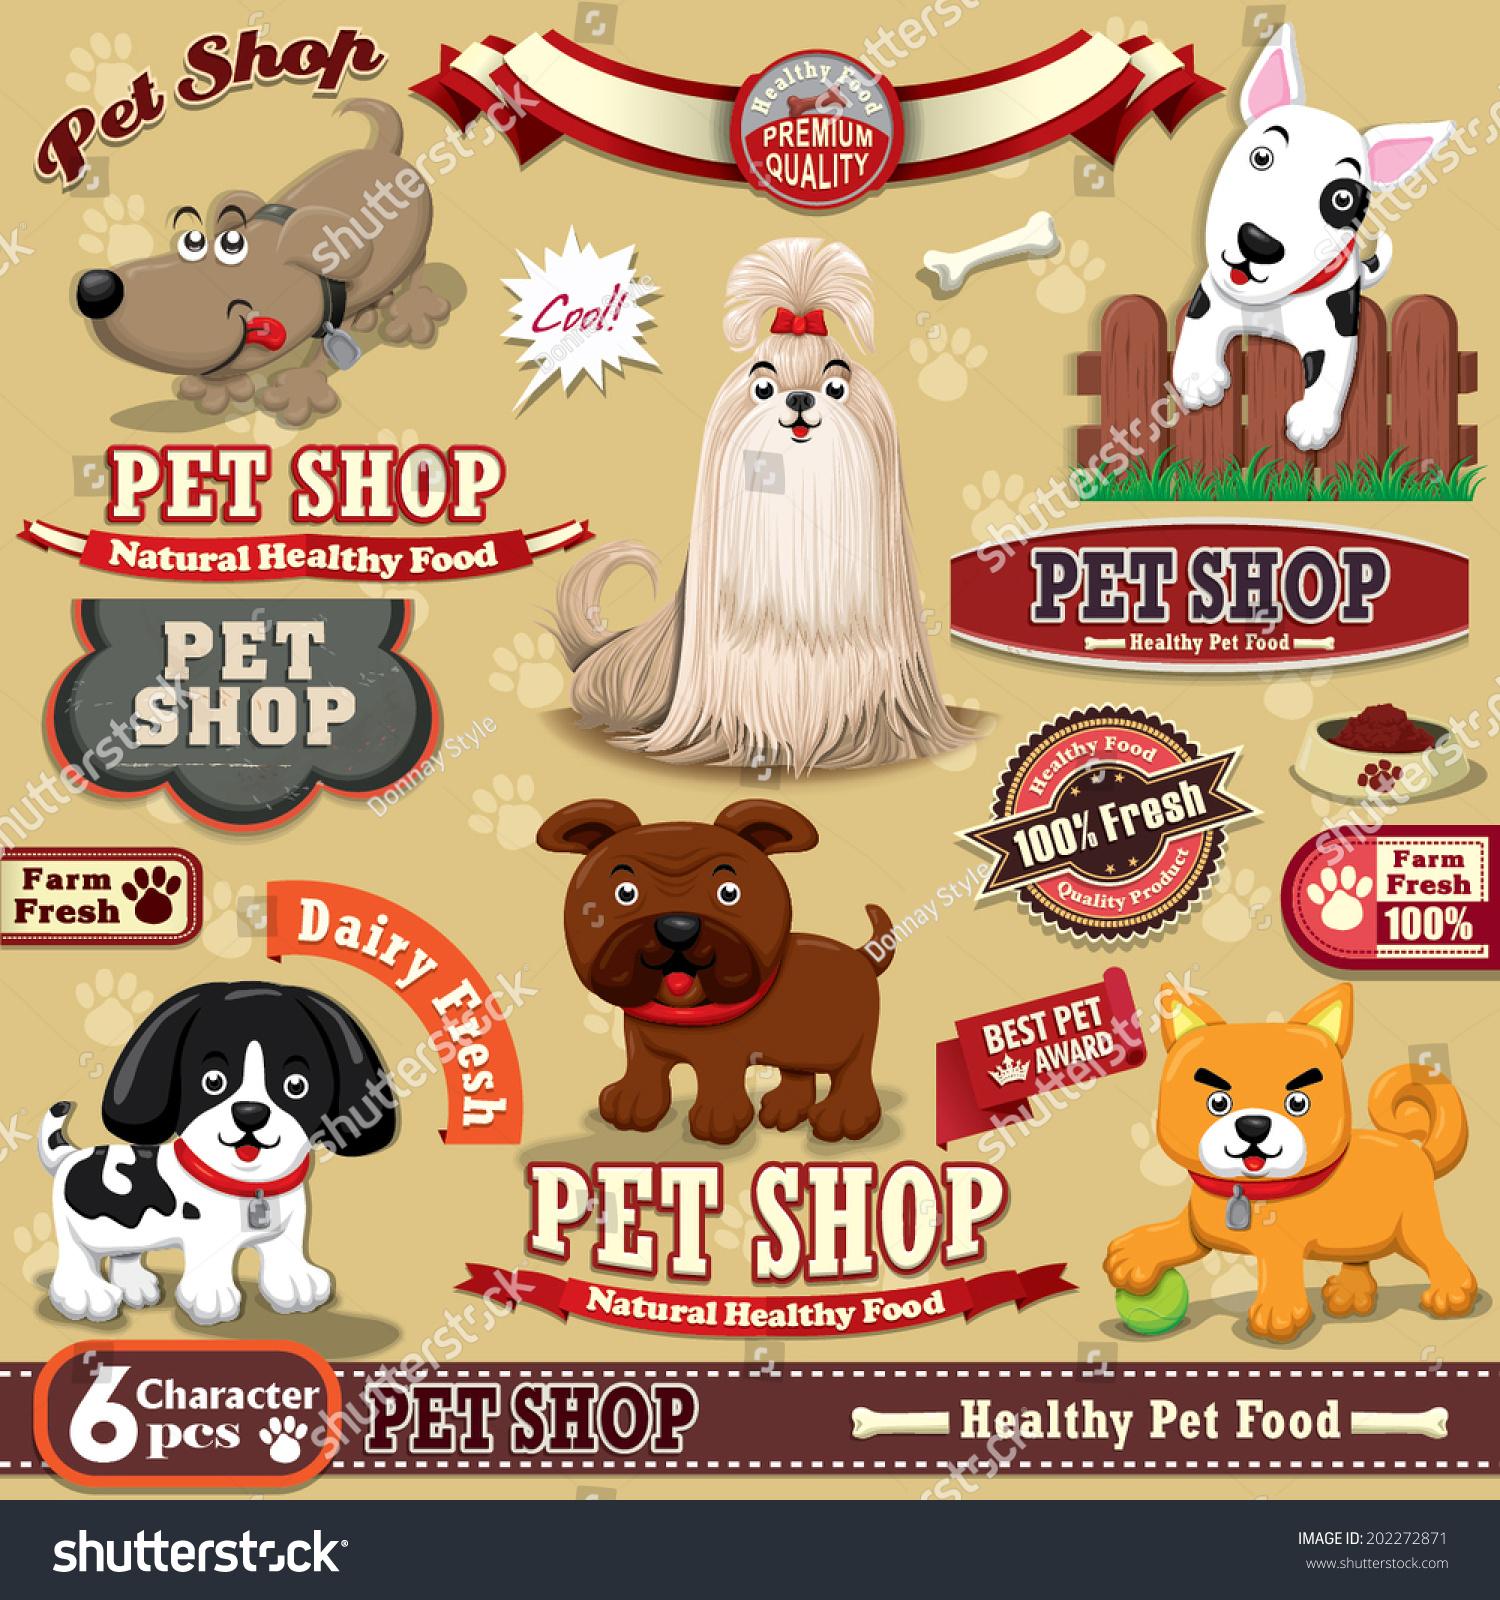 Vintage Pet Shop Poster Design Element Vector 202272871 – Pet Poster